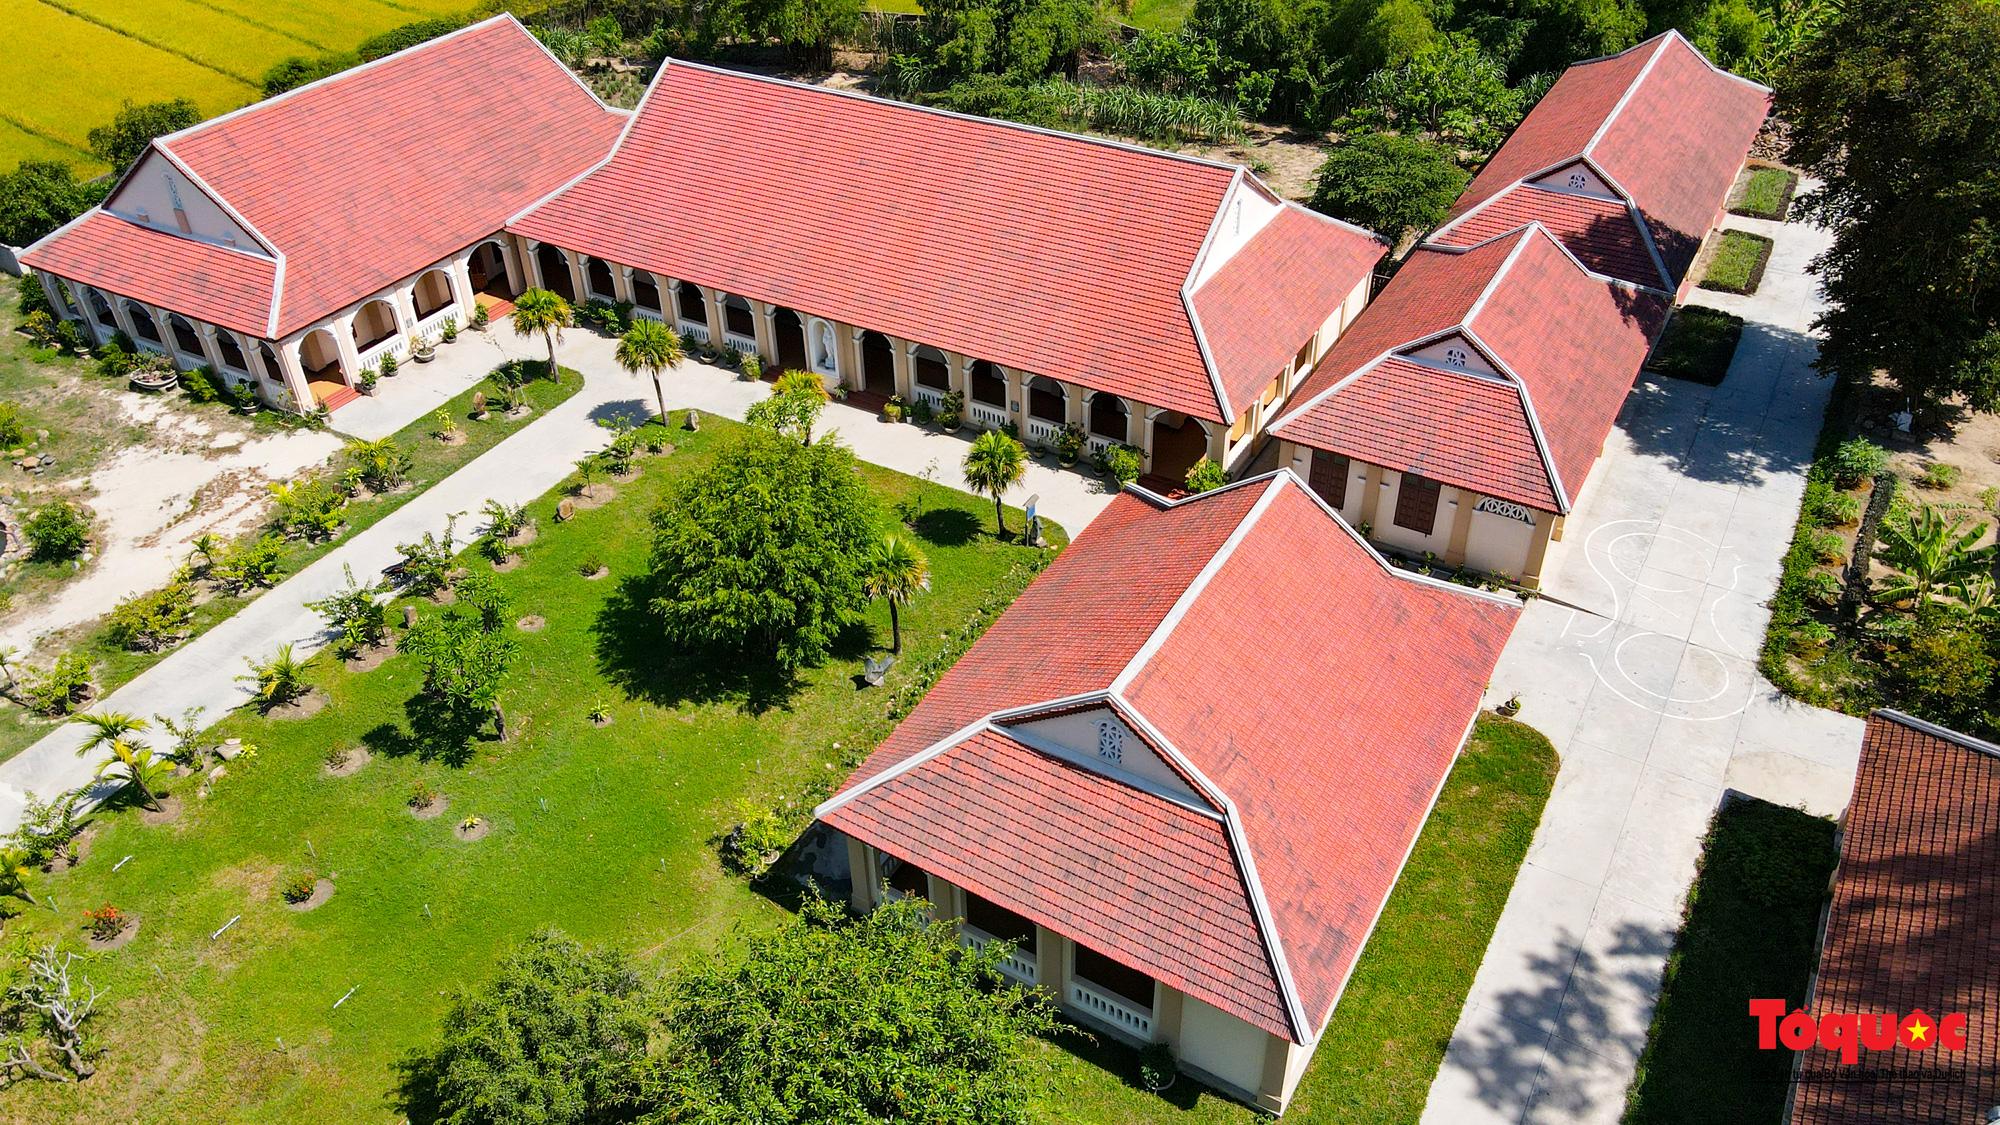 Tiểu Chủng Viện Làng Sông - kiến trúc Gothic tuyệt đẹp giữa đồng quê Việt Nam - Ảnh 9.